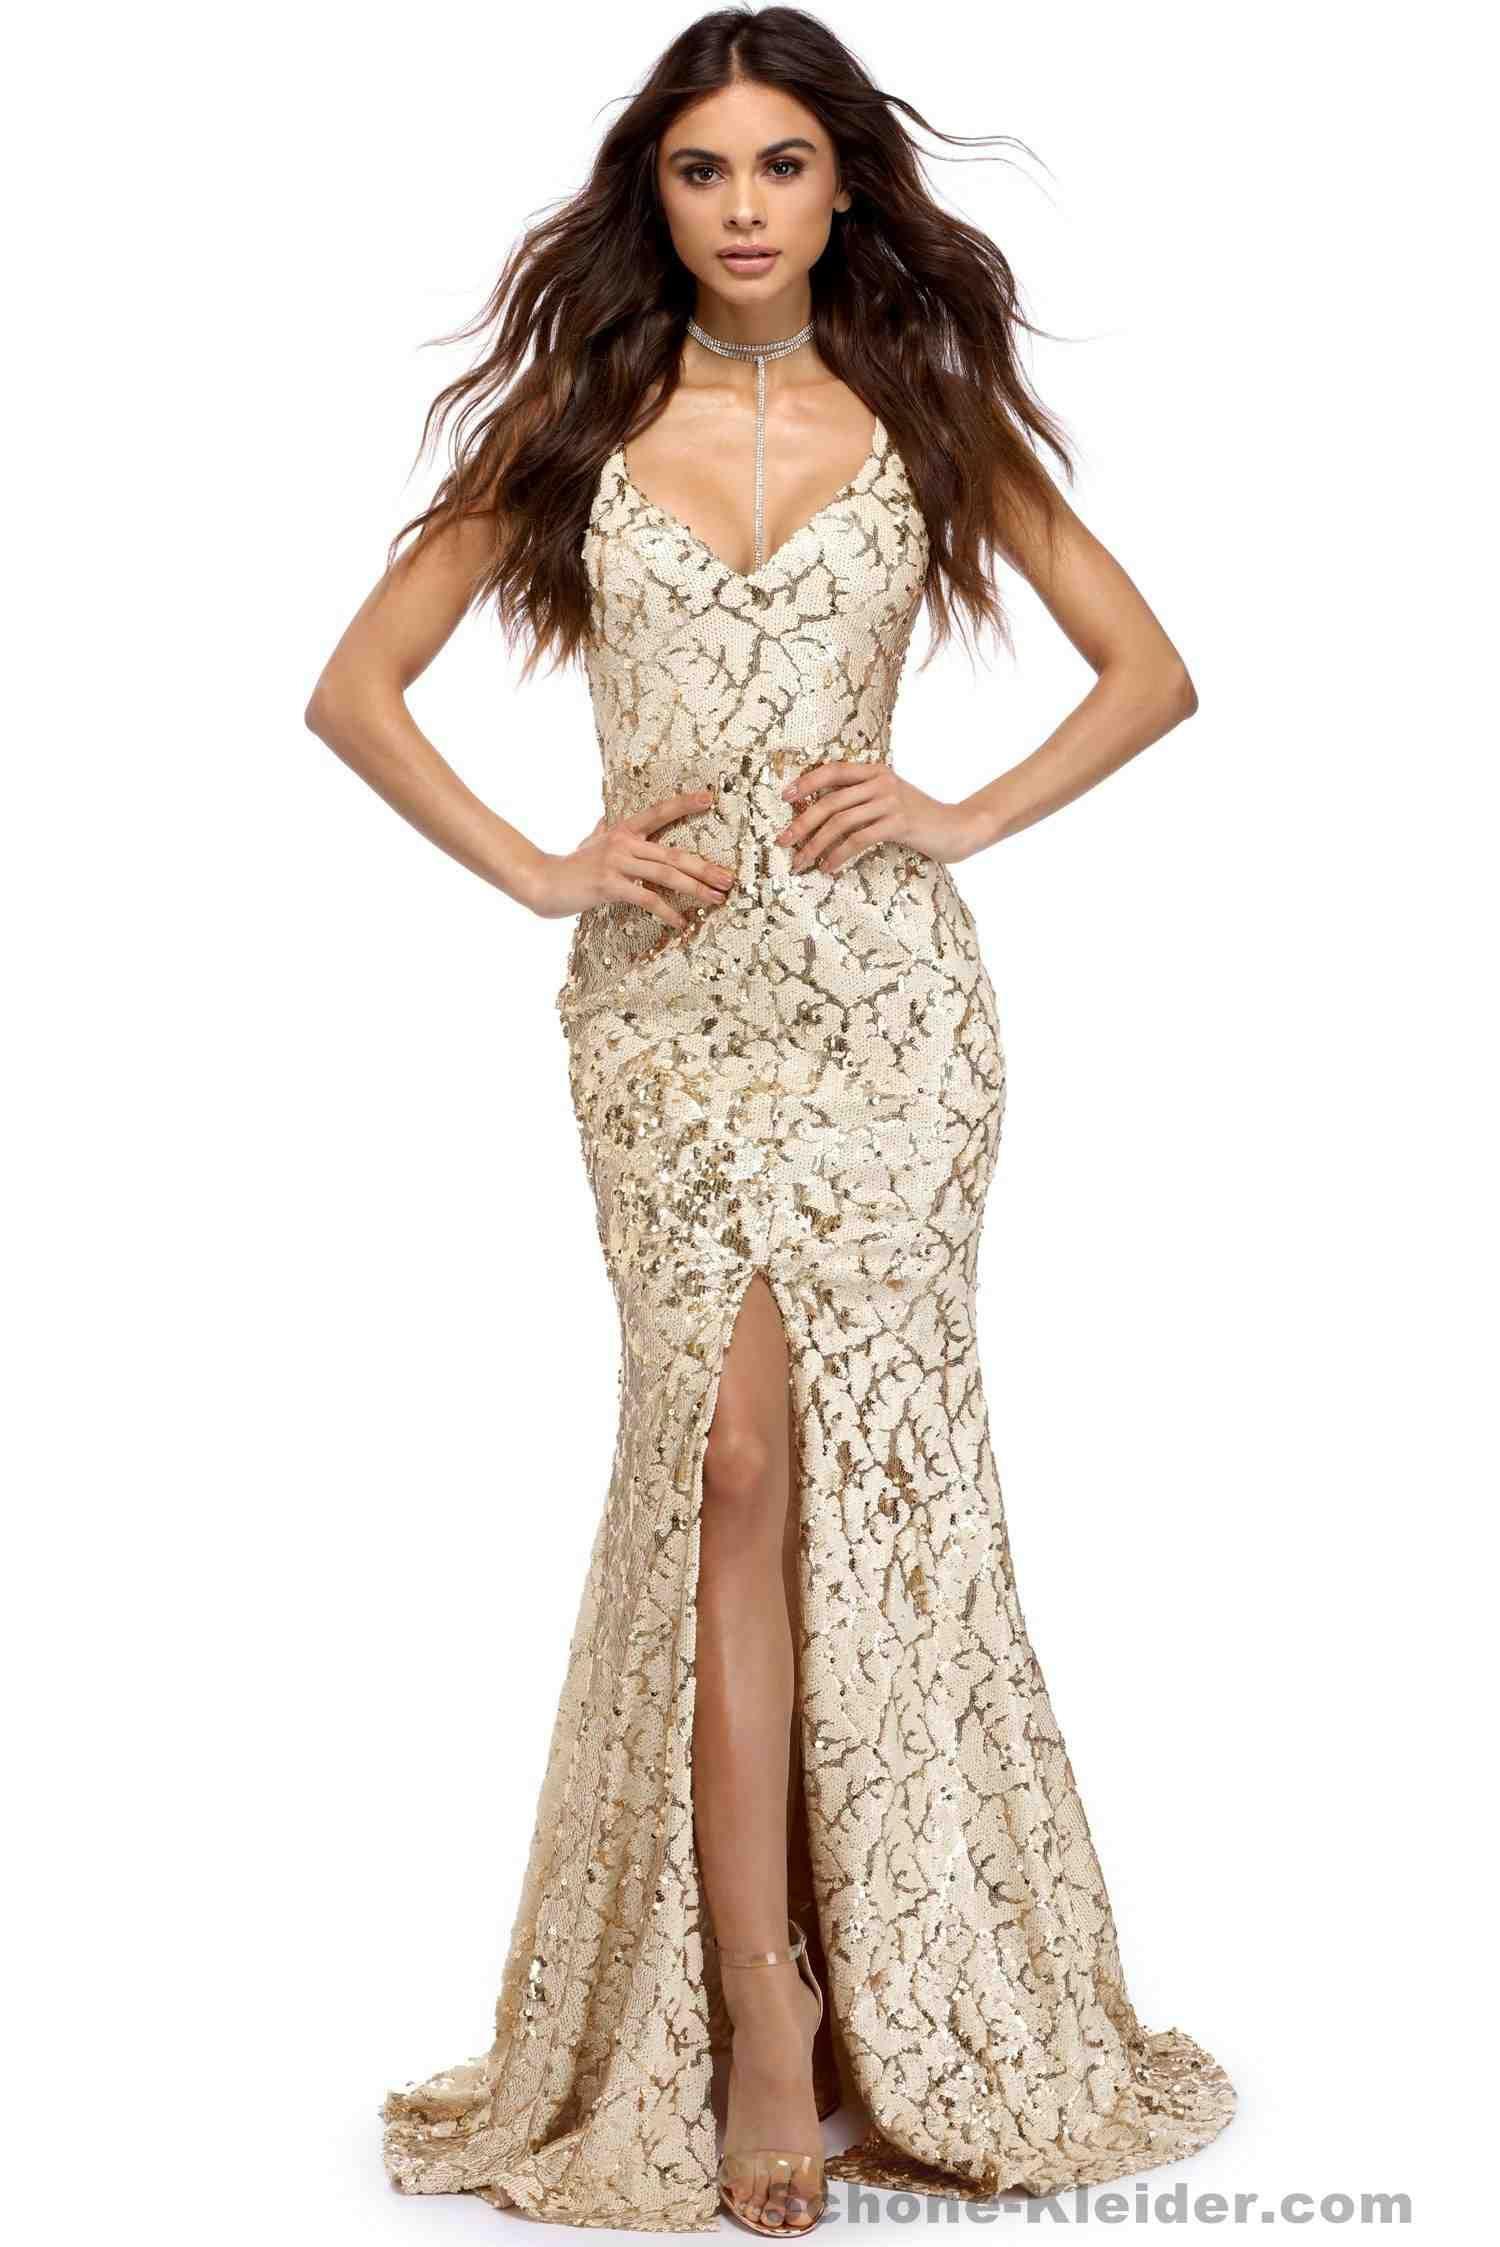 17 Elegant Modische Abendkleider Design13 Wunderbar Modische Abendkleider Design